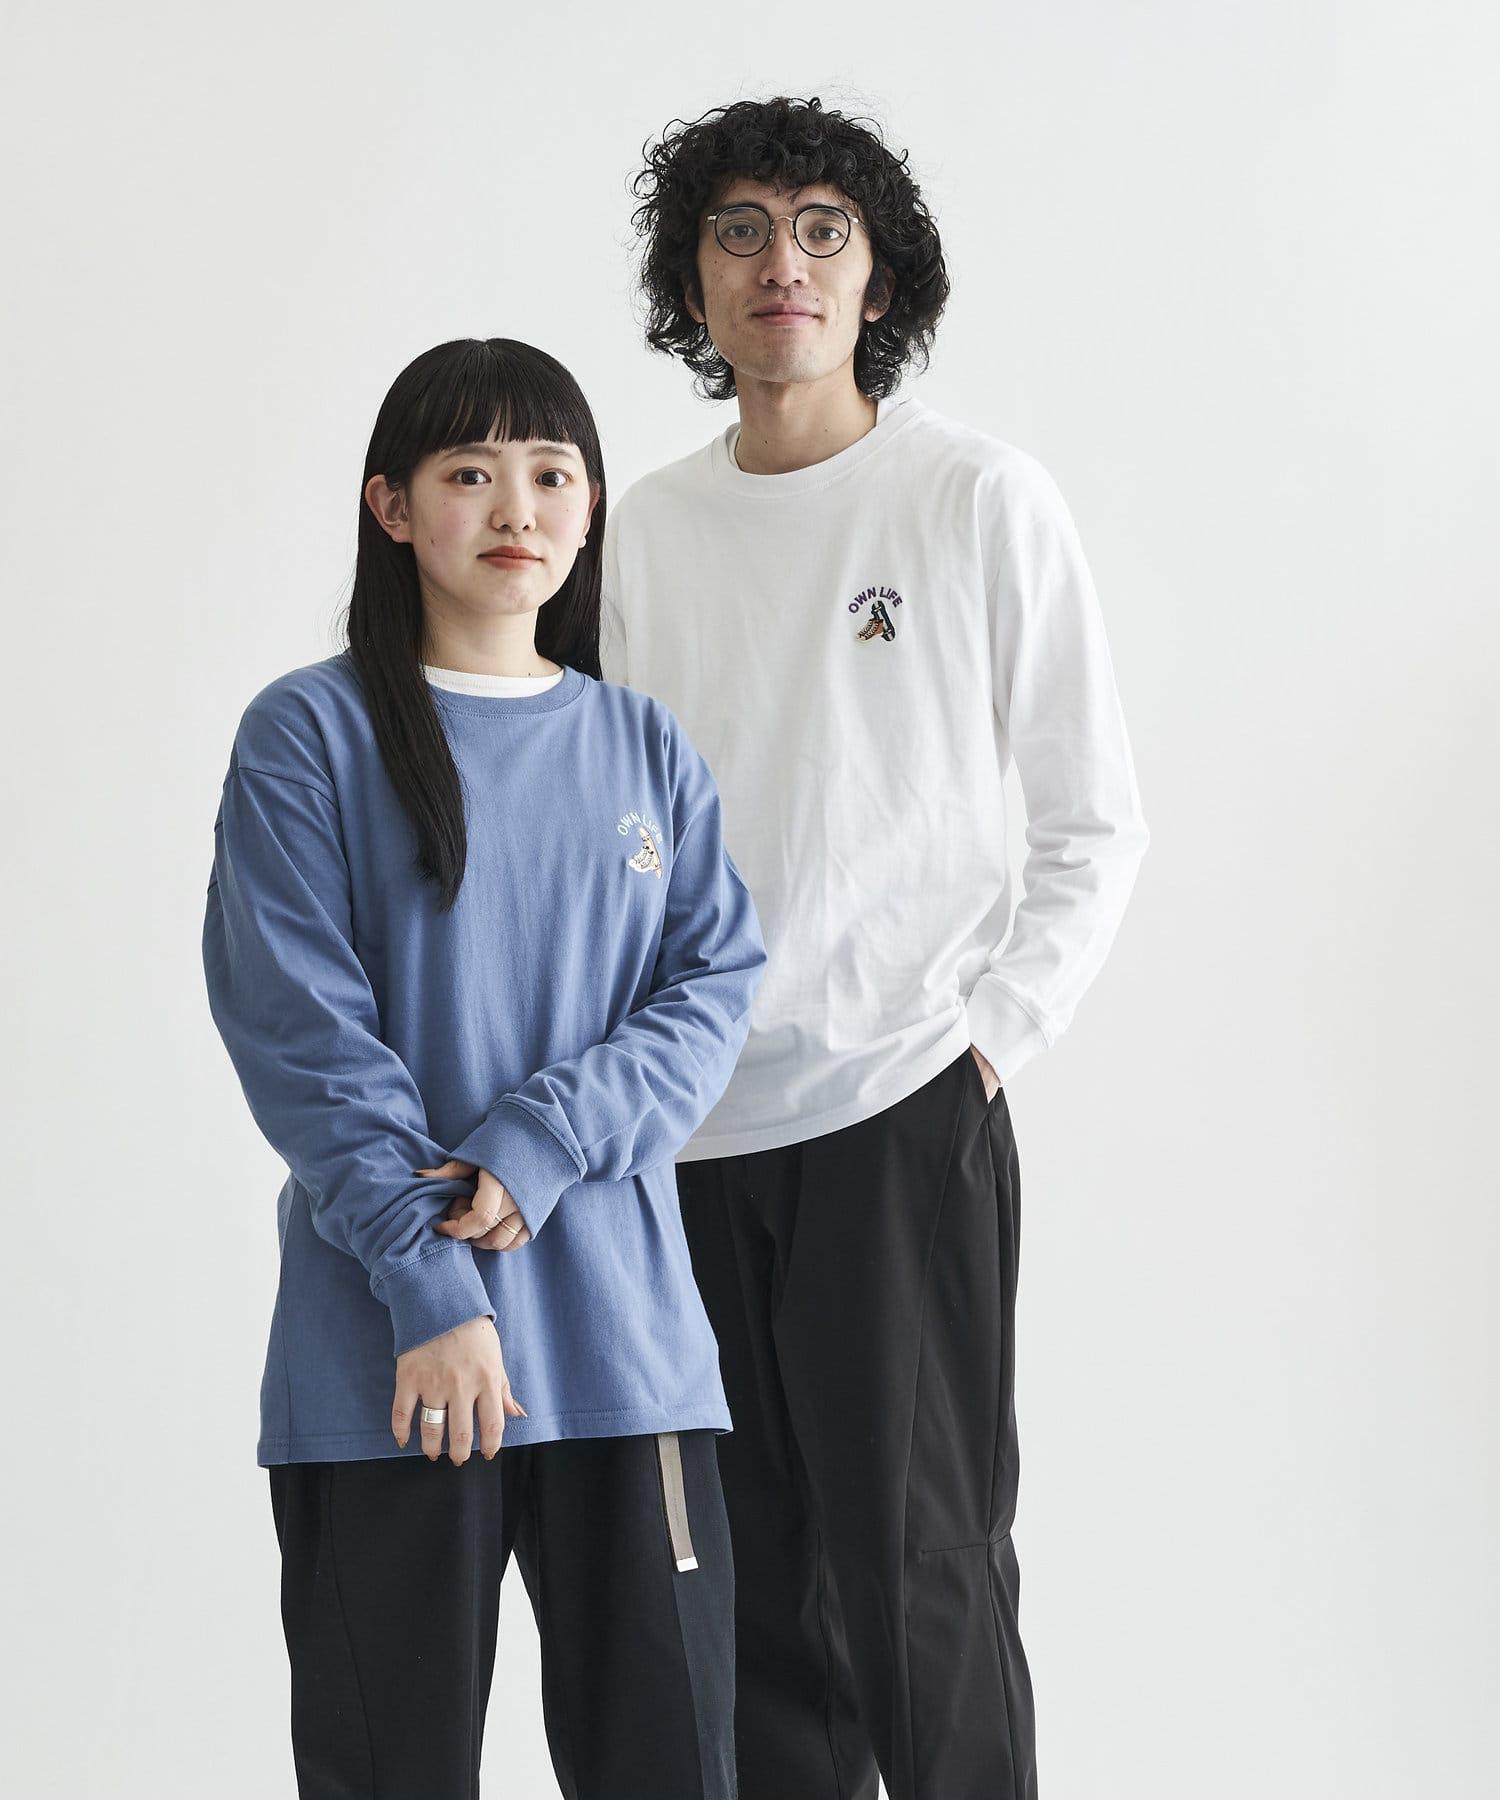 CPCM(シーピーシーエム) 【ユニセックスでおすすめ】1ポイント刺繍 ロンT